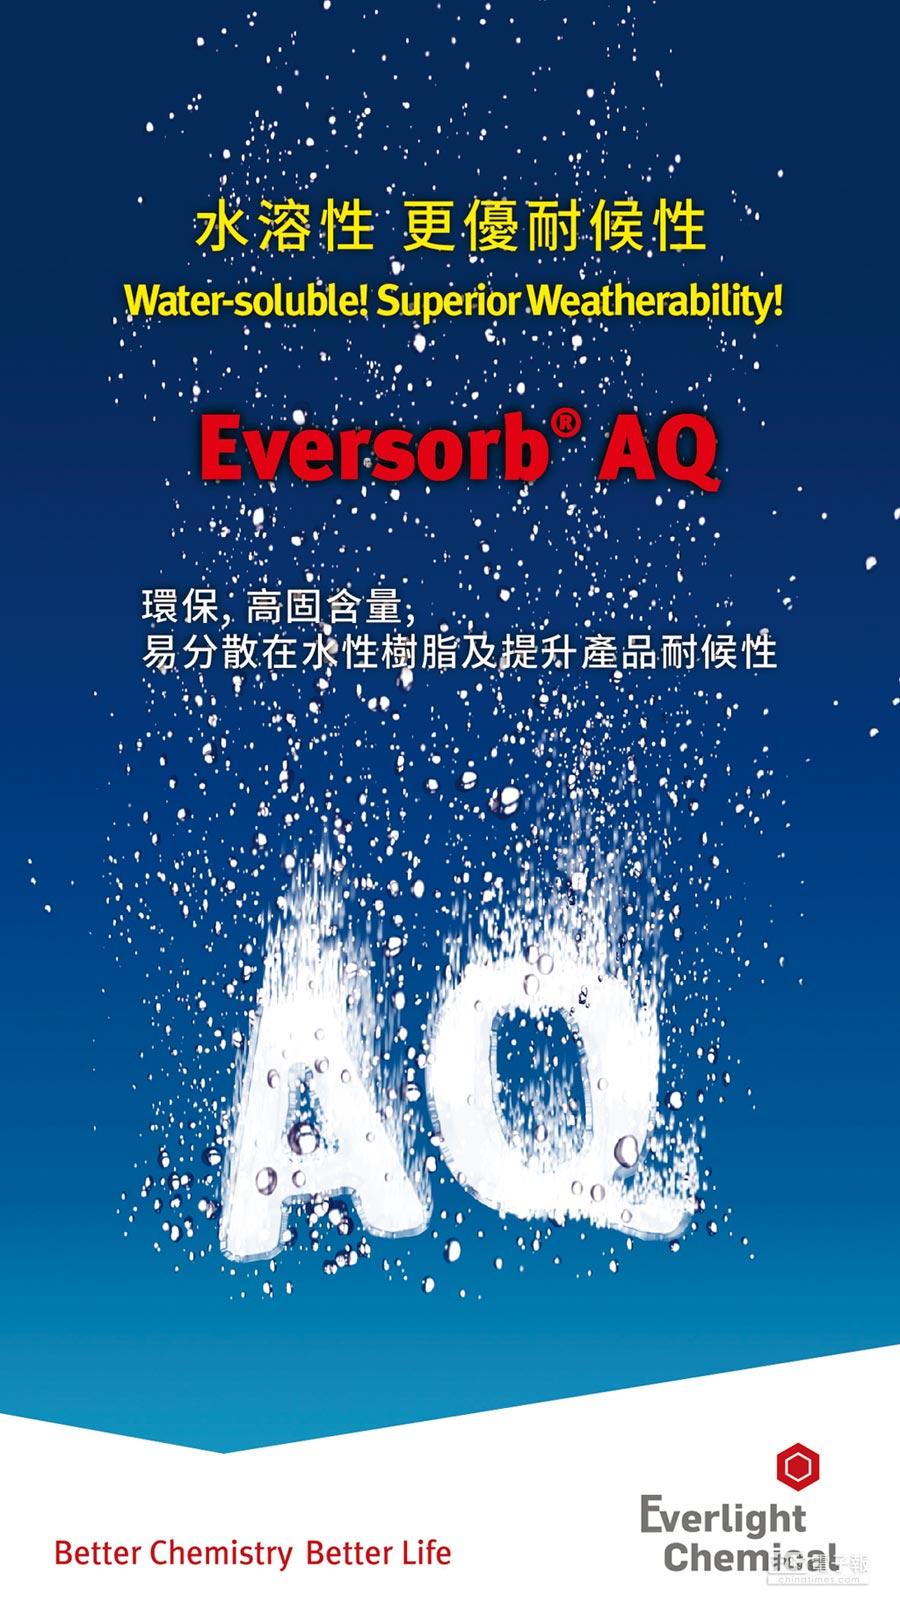 台灣永光化學以「新型水性光固化塗料專用光安定劑」,符合「節能減碳」的產業永續發展趨勢,獲得TCIA產品創新獎。圖/TCIA提供